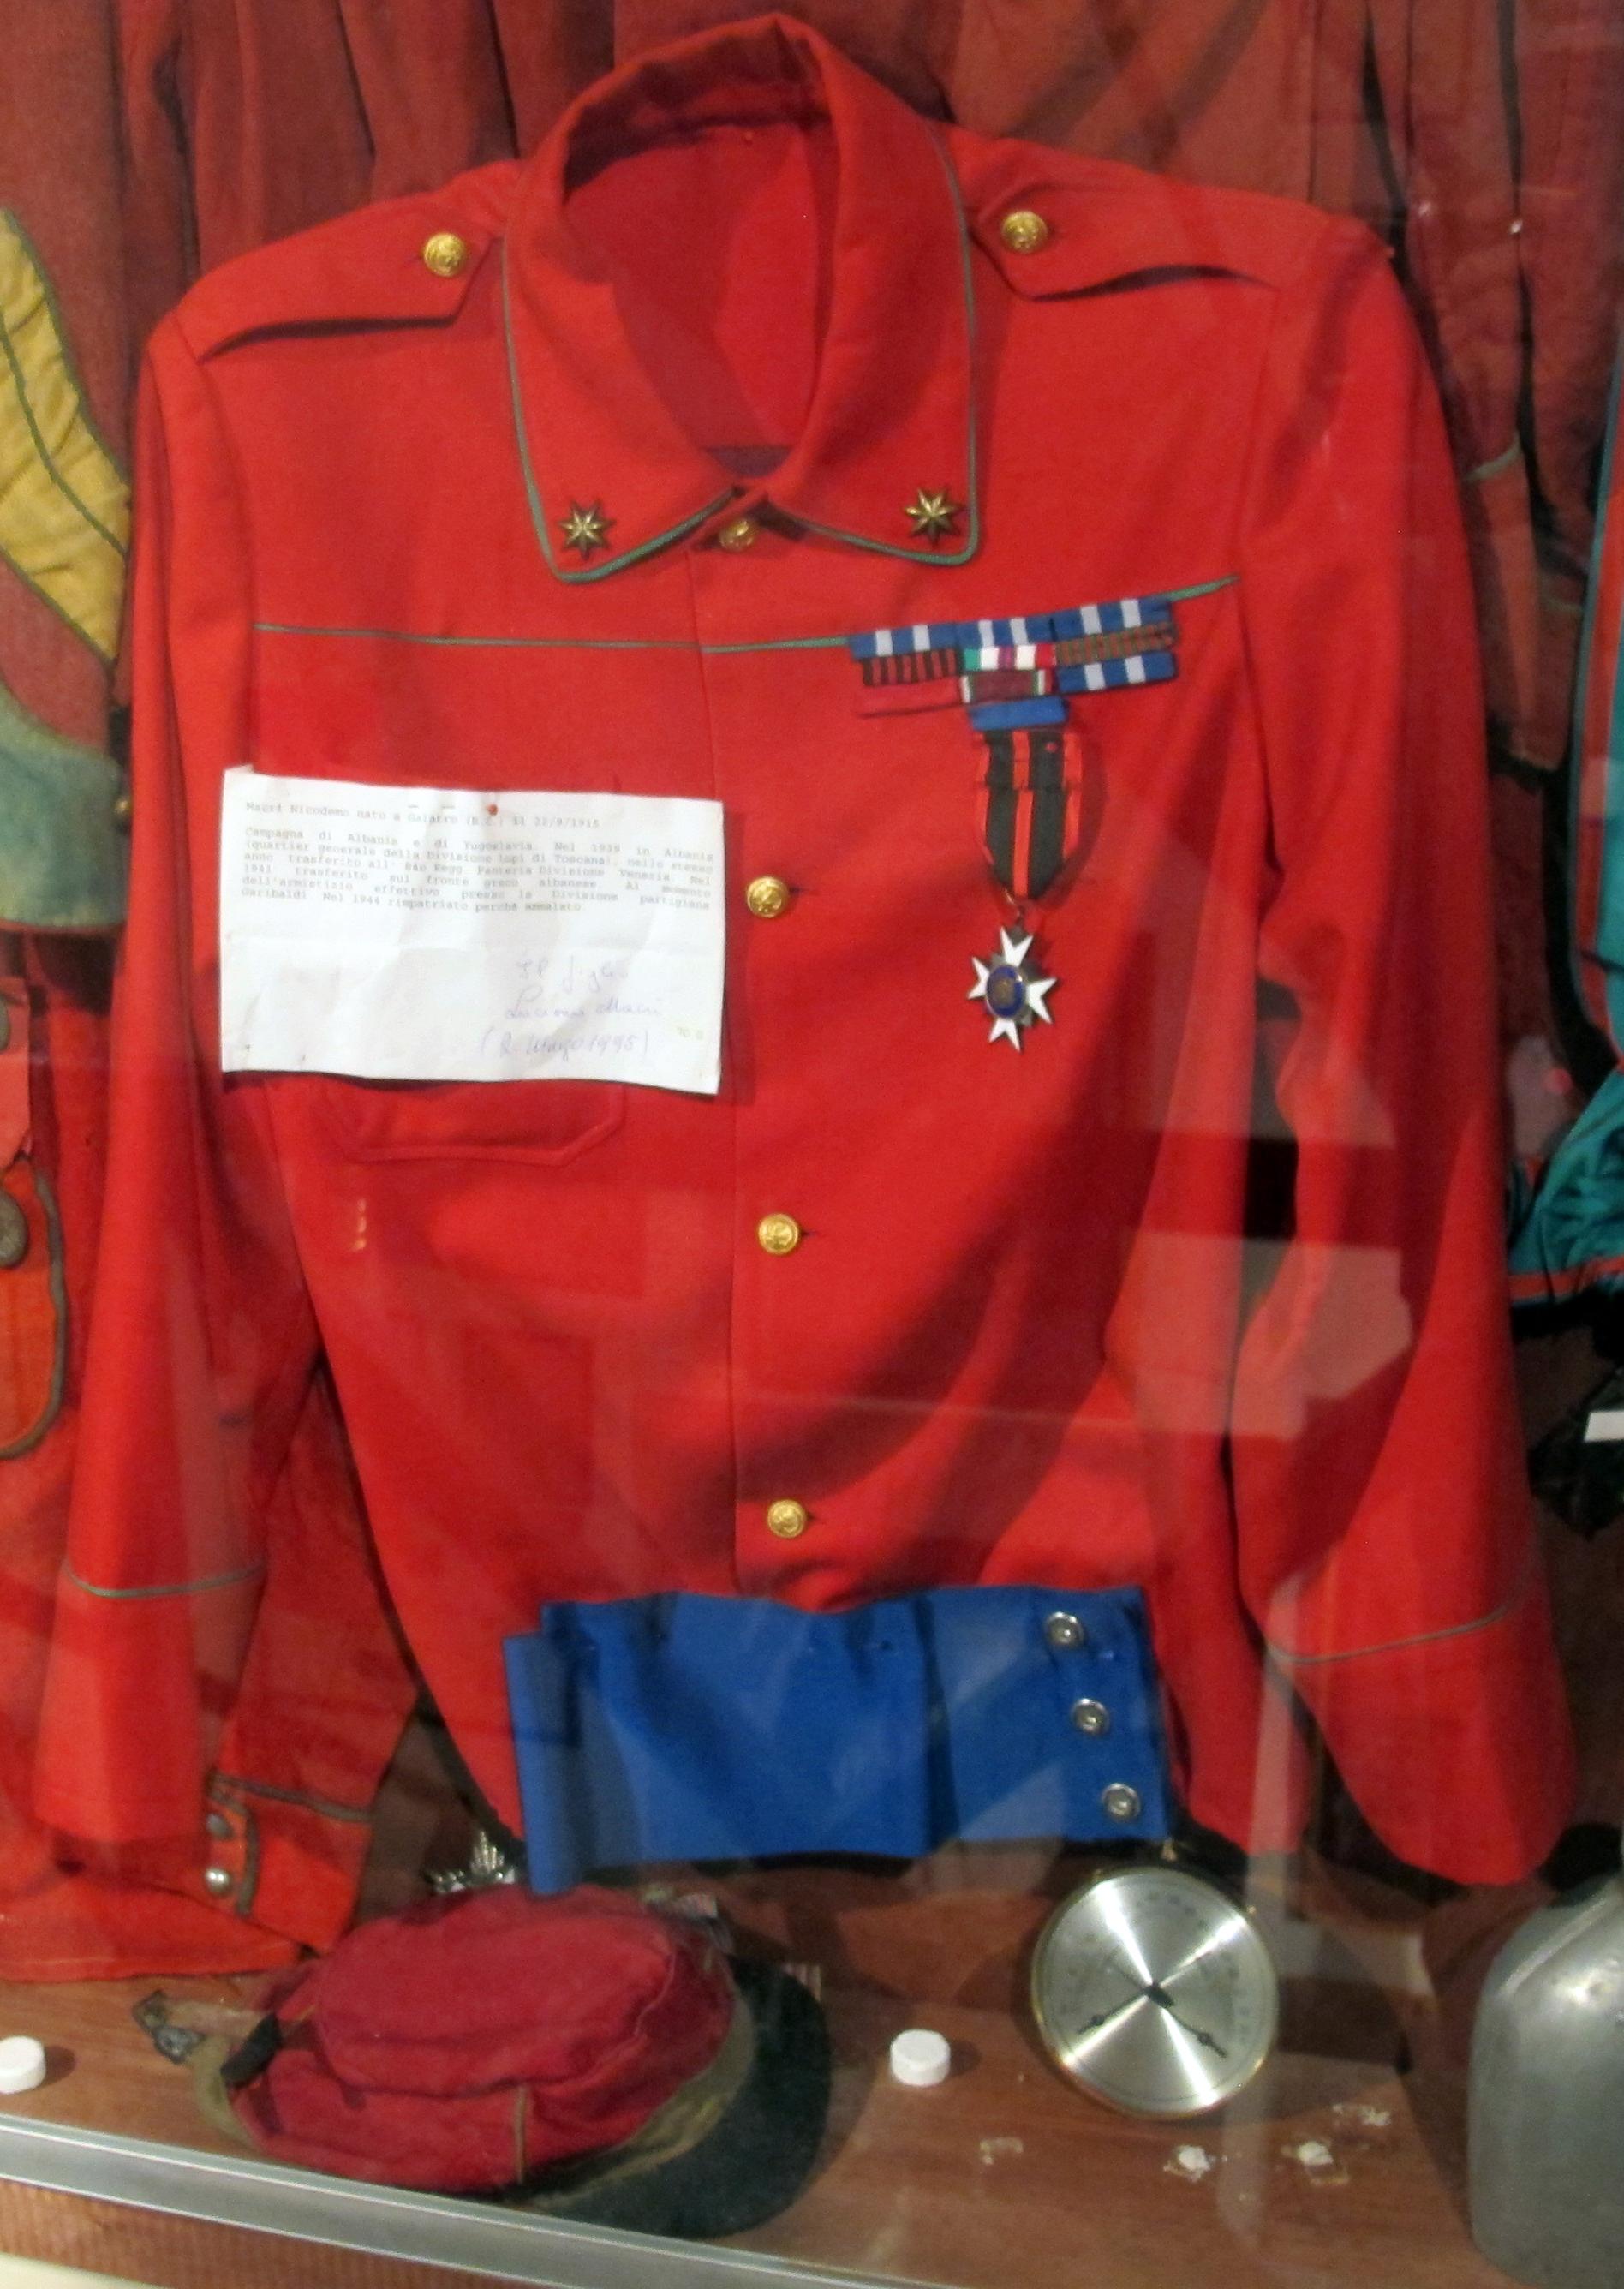 watch 7d8a2 58bb8 File:Torre della castagna, museo garibaldino, camicie rosse ...